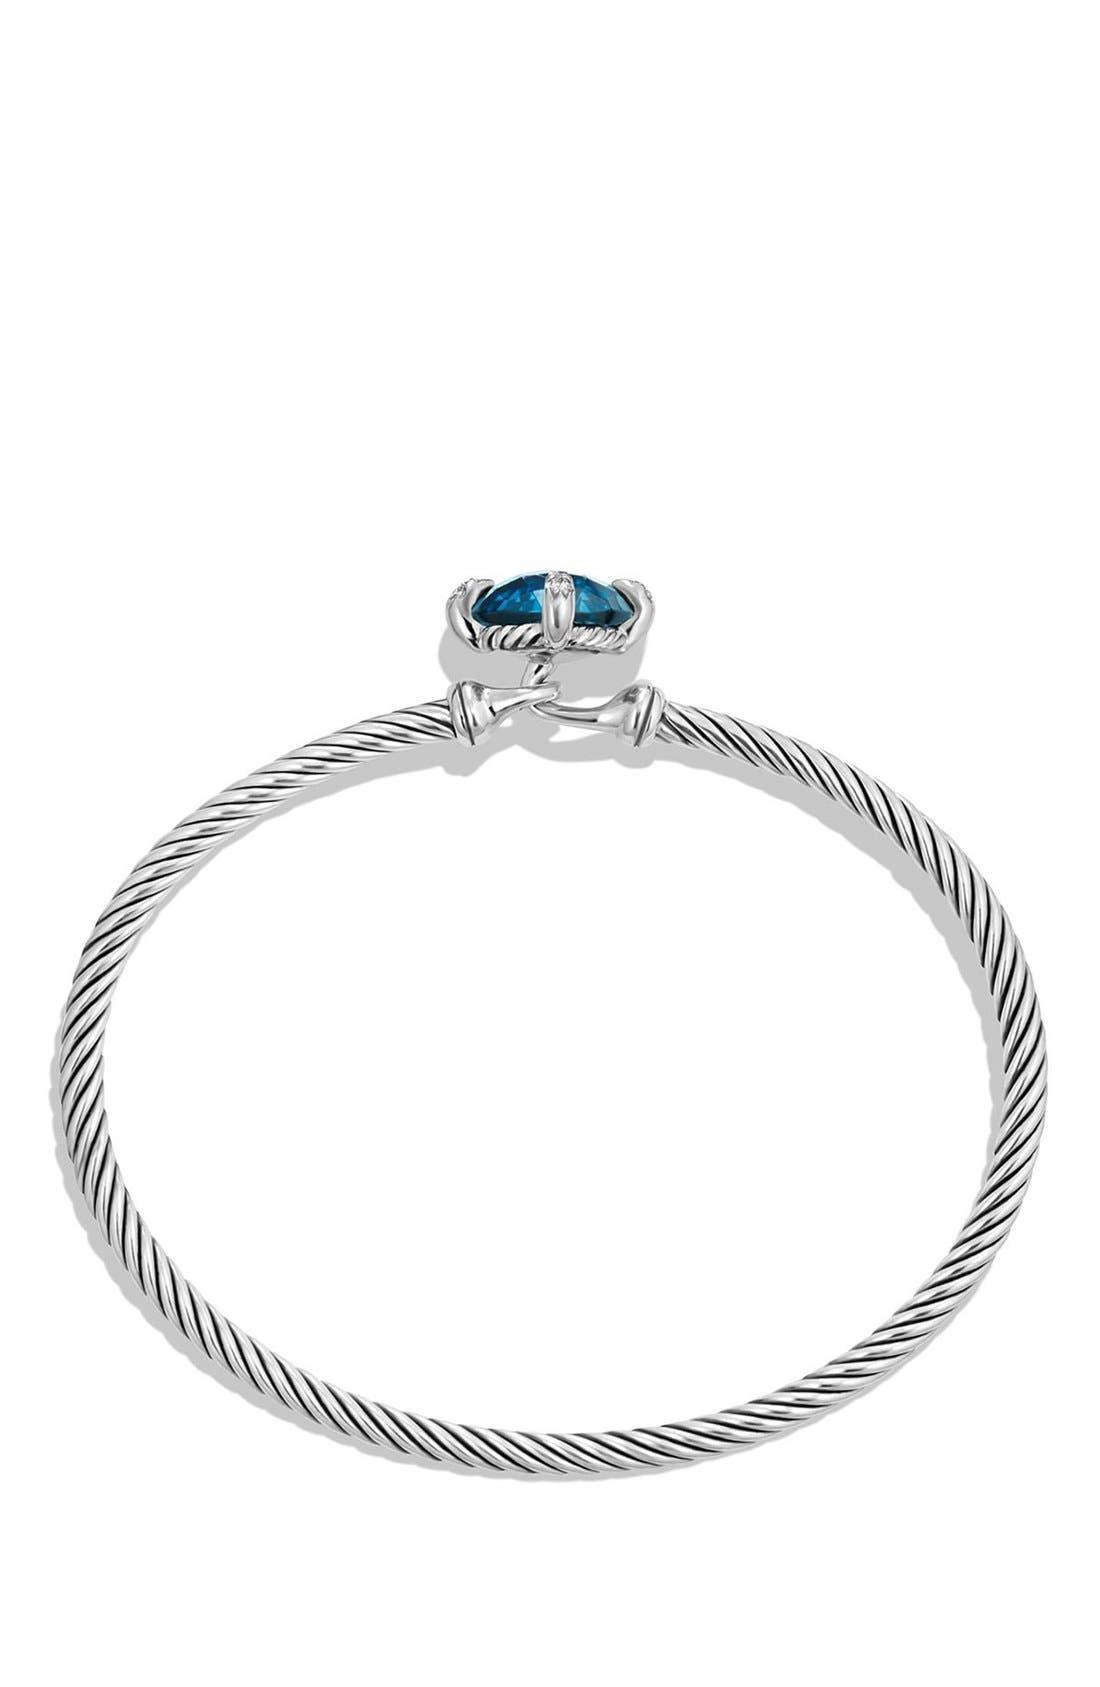 'Châtelaine' Bracelet with Diamonds,                             Alternate thumbnail 2, color,                             SILVER/ HAMPTON BLUE TOPAZ